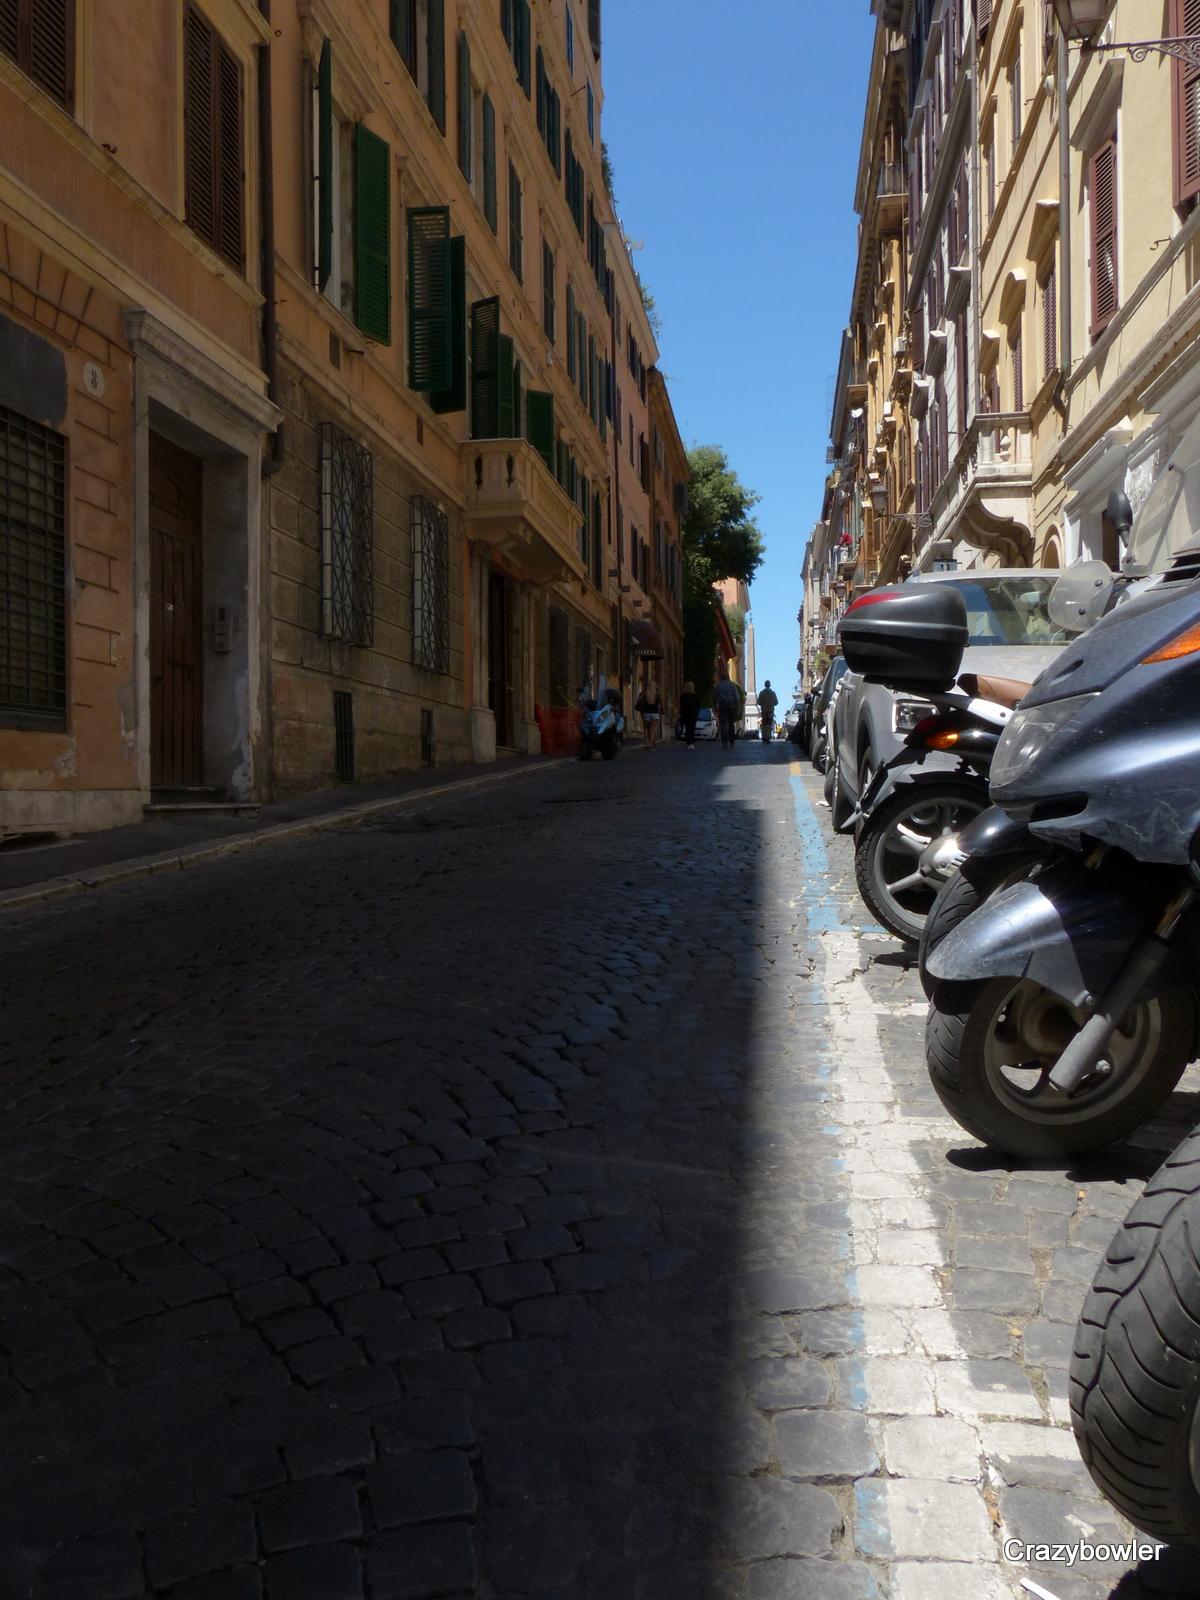 グレゴリアナ通り(Via Gregoriana)の坂